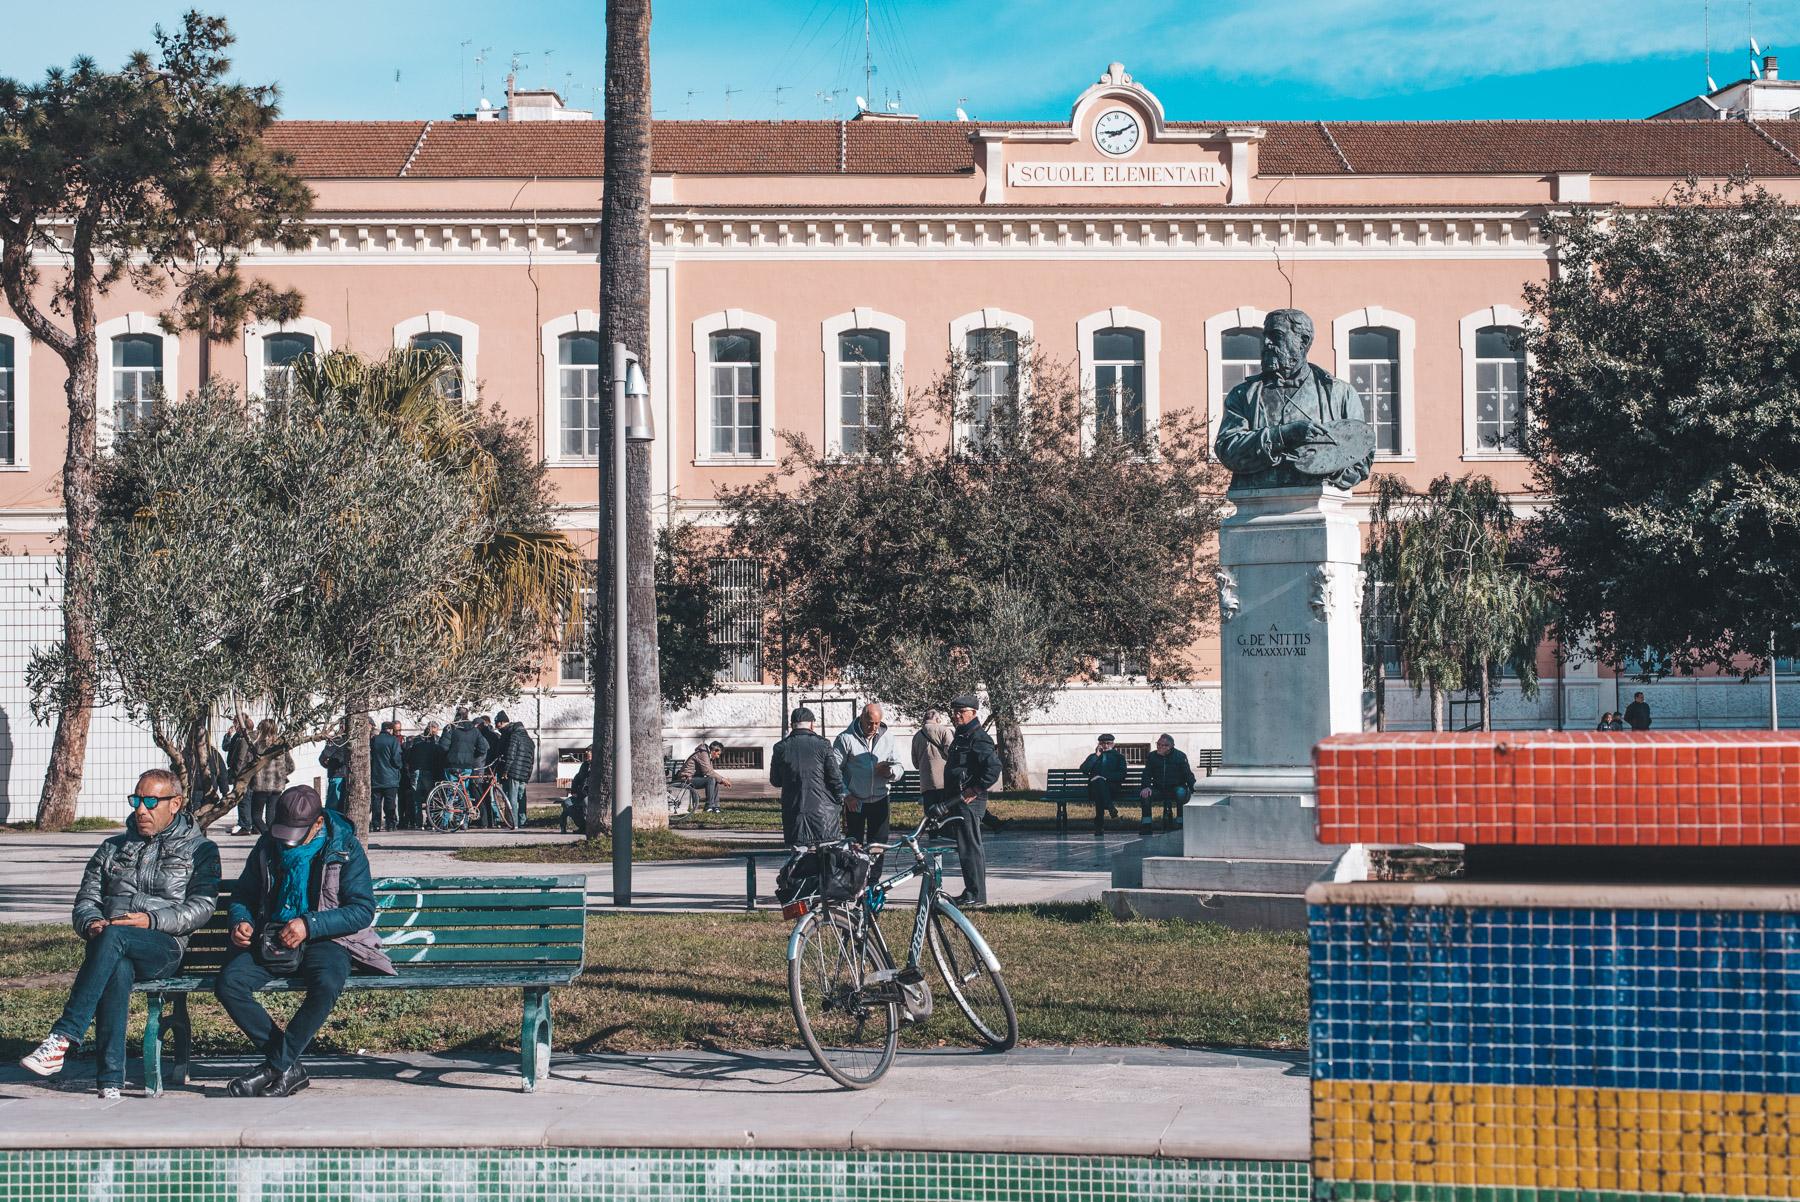 People passing time in a park in Barletta, Apulia, persone passano il tempo in un parco a Barletta, Puglia